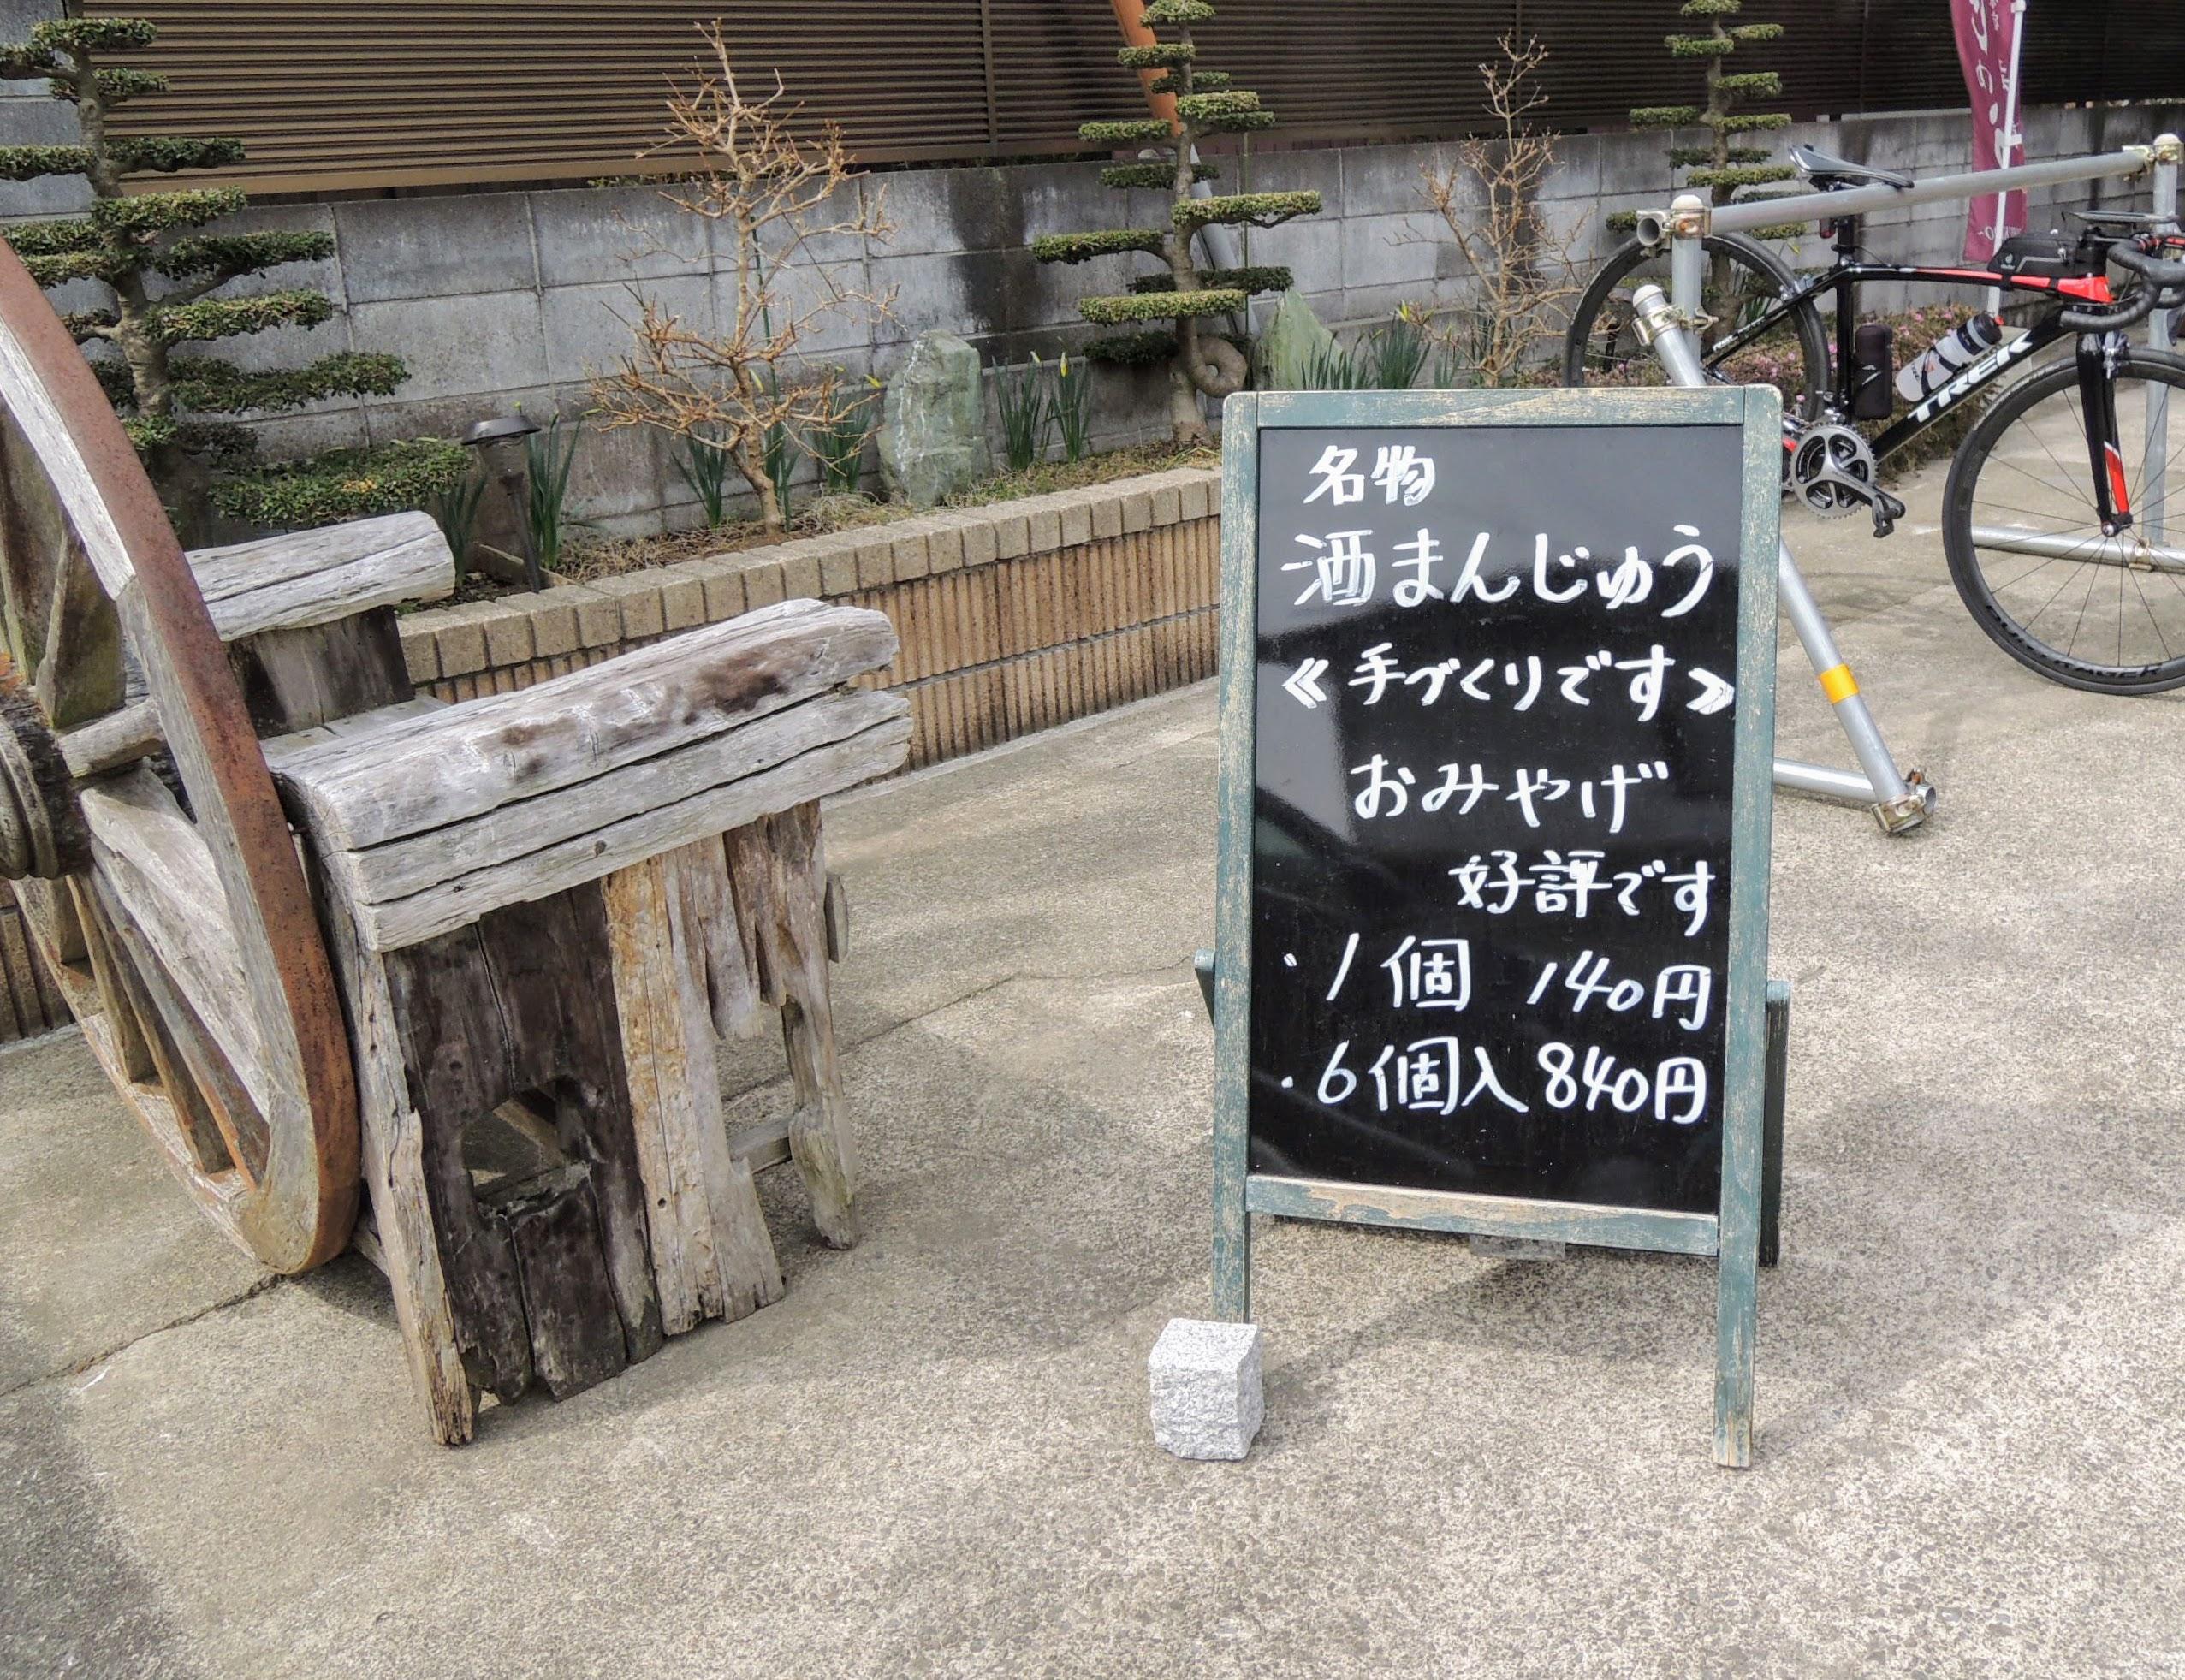 サイクルラックと酒まんじゅうの看板